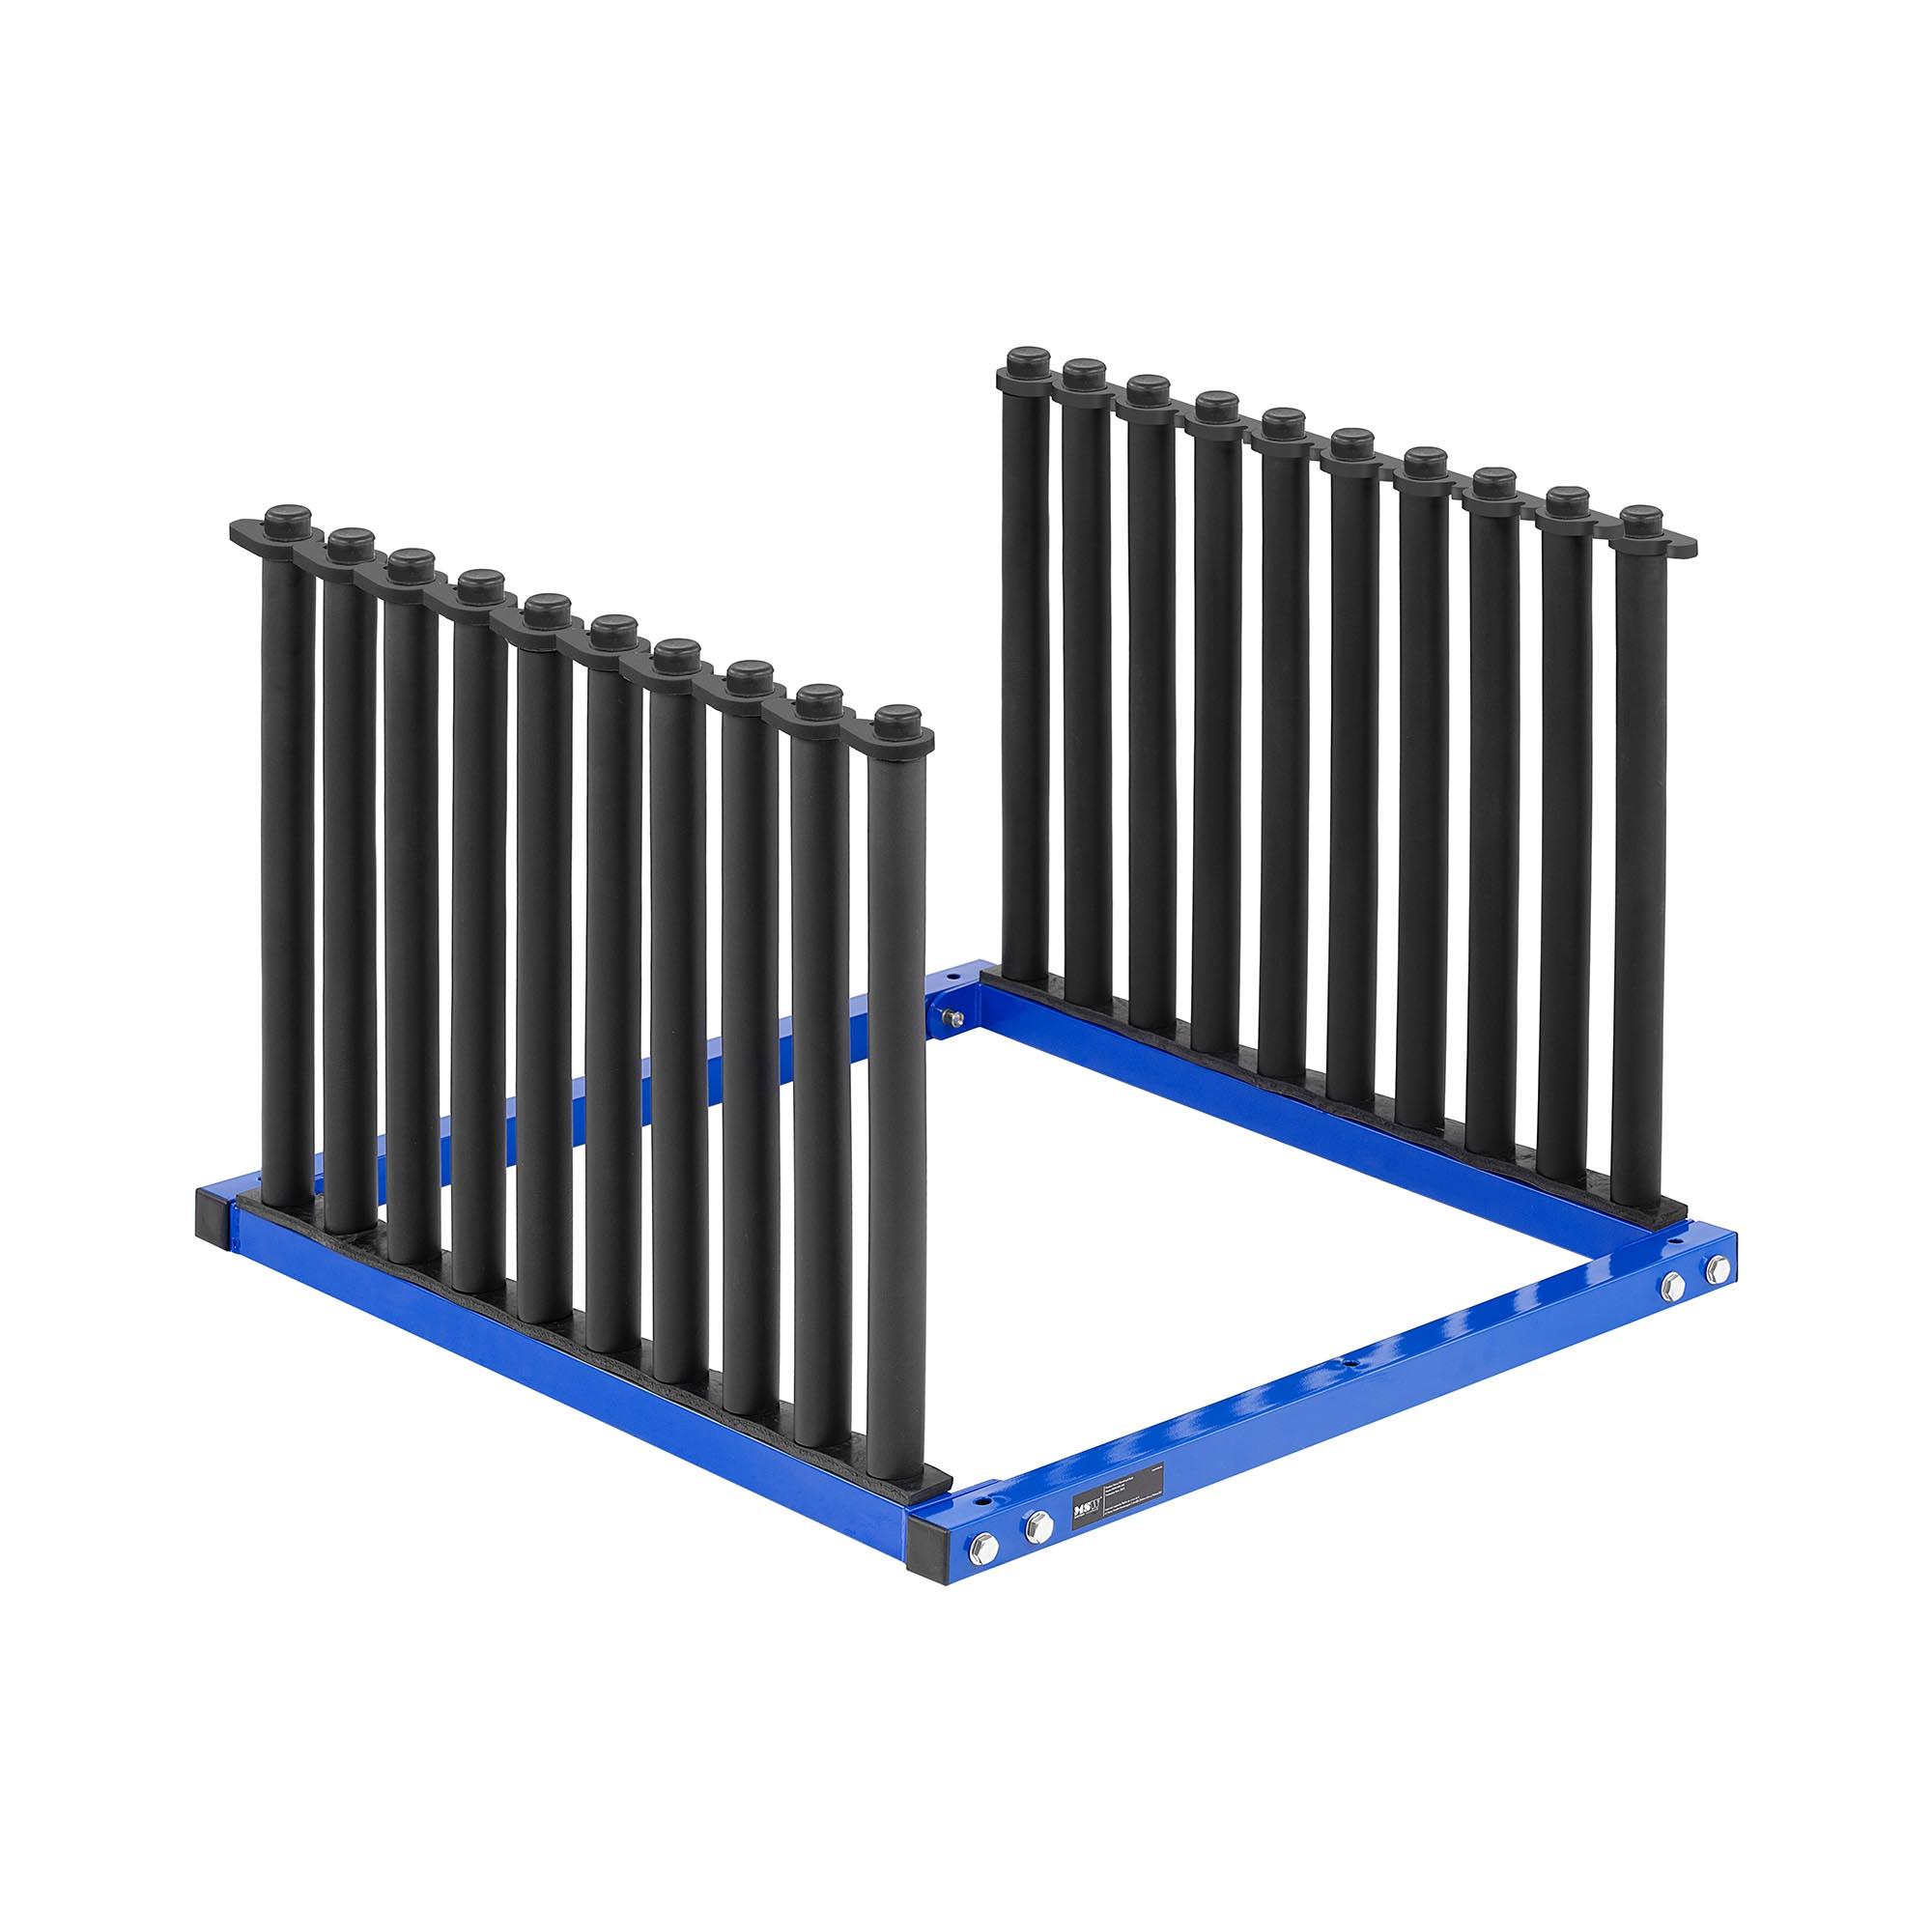 MSW Windschutzscheiben-Ständer - für 9 Scheiben MSW-WR-100